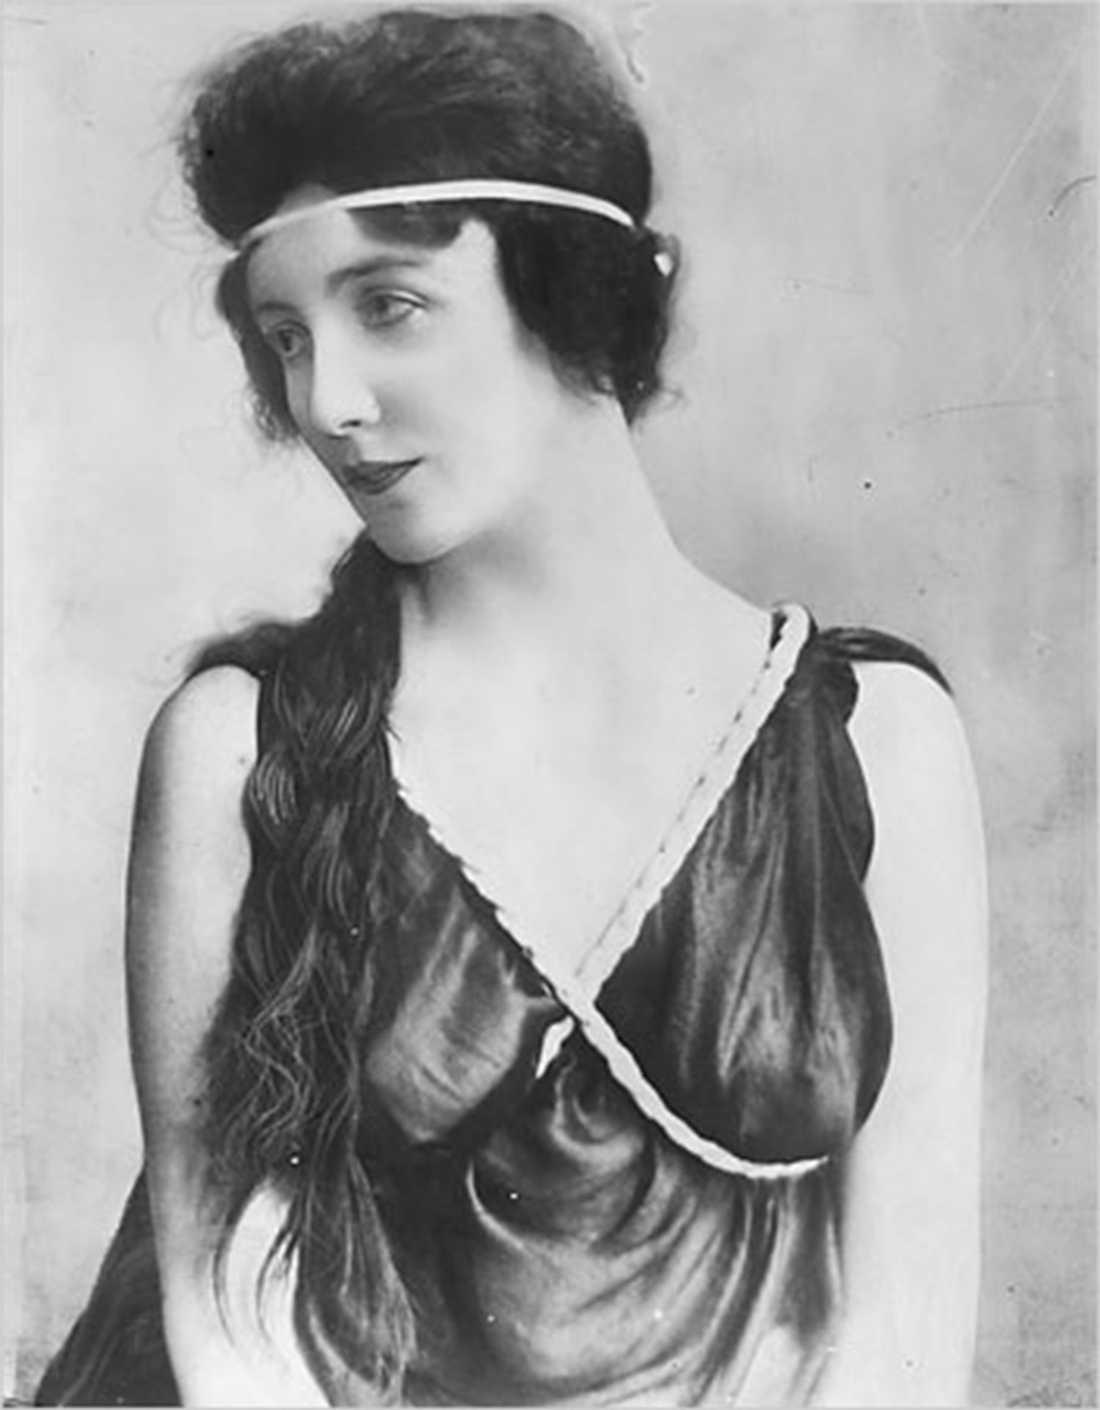 ... men intressantast var Audrey Munson (1891–1996), en amerikansk modell och skådespelerska.